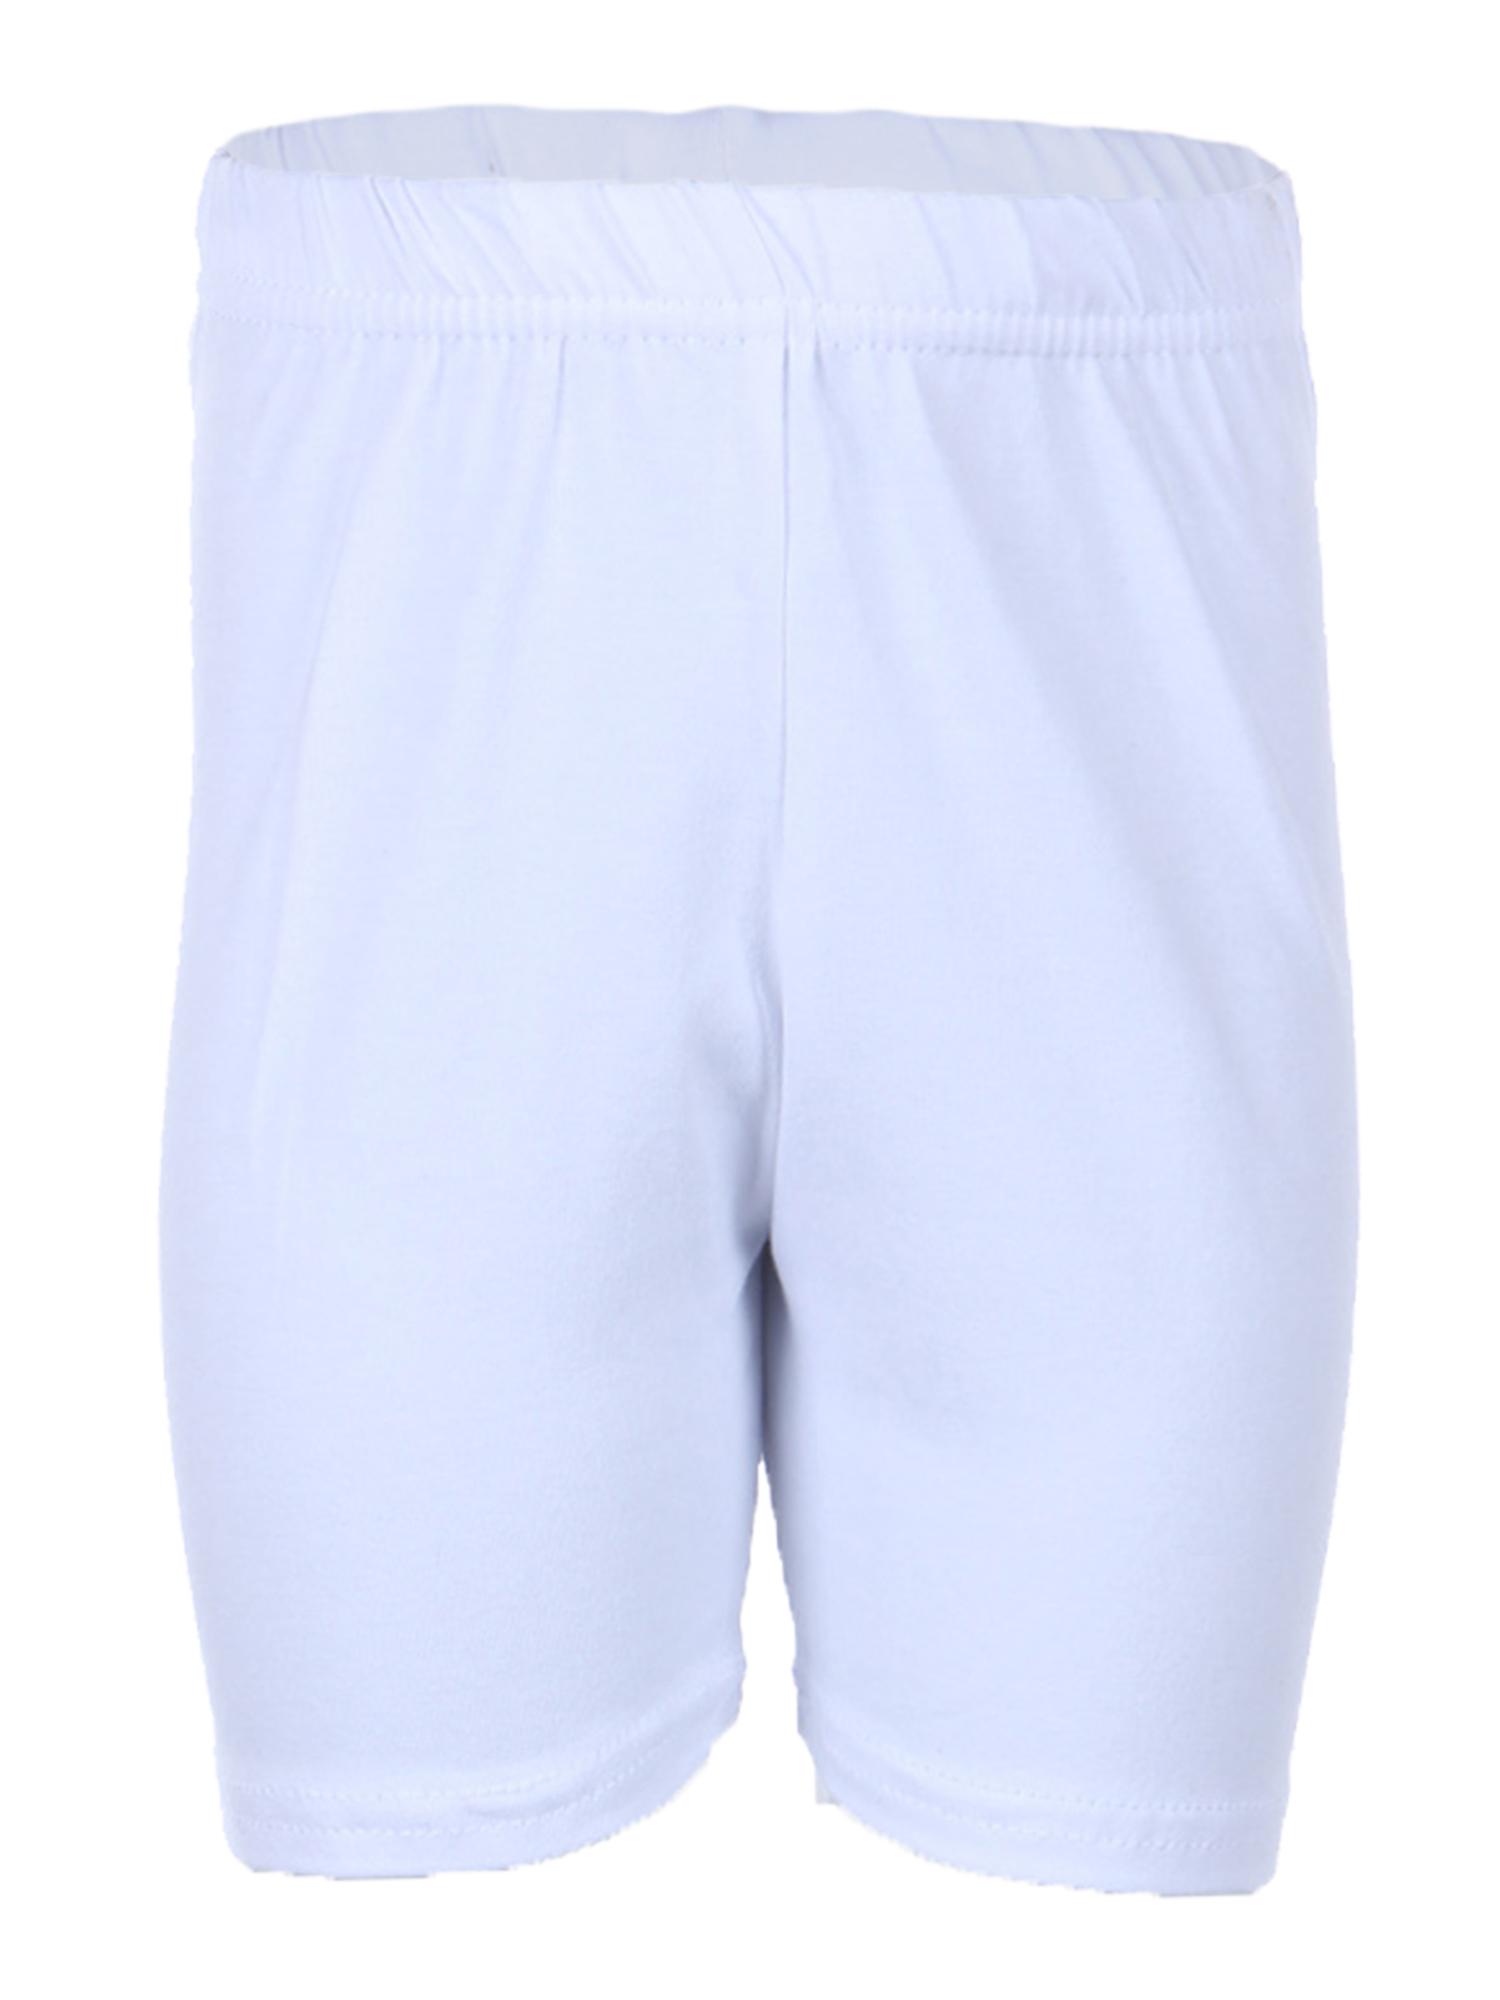 Ola Mari Unisex Kids Biker Shorts , 4, White